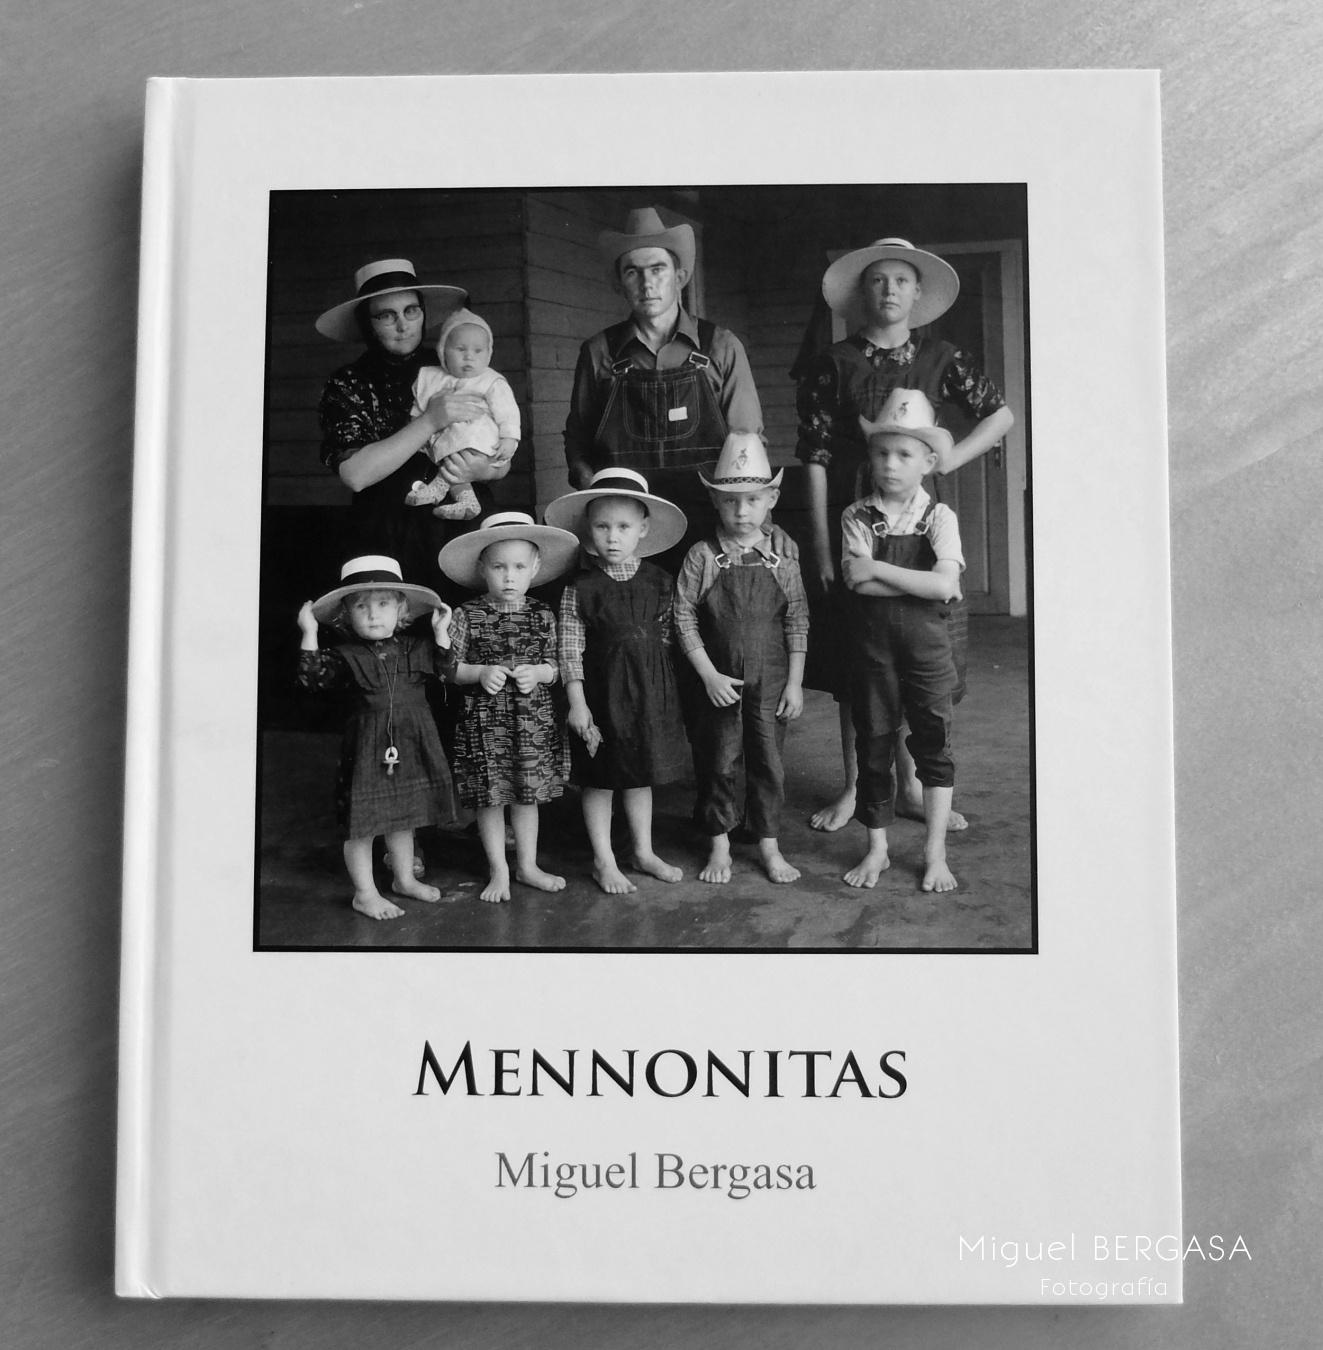 Mennonitas Versión Completa 2015 - Catálogos y portadas libros - Miguel BERGASA, Fotografía